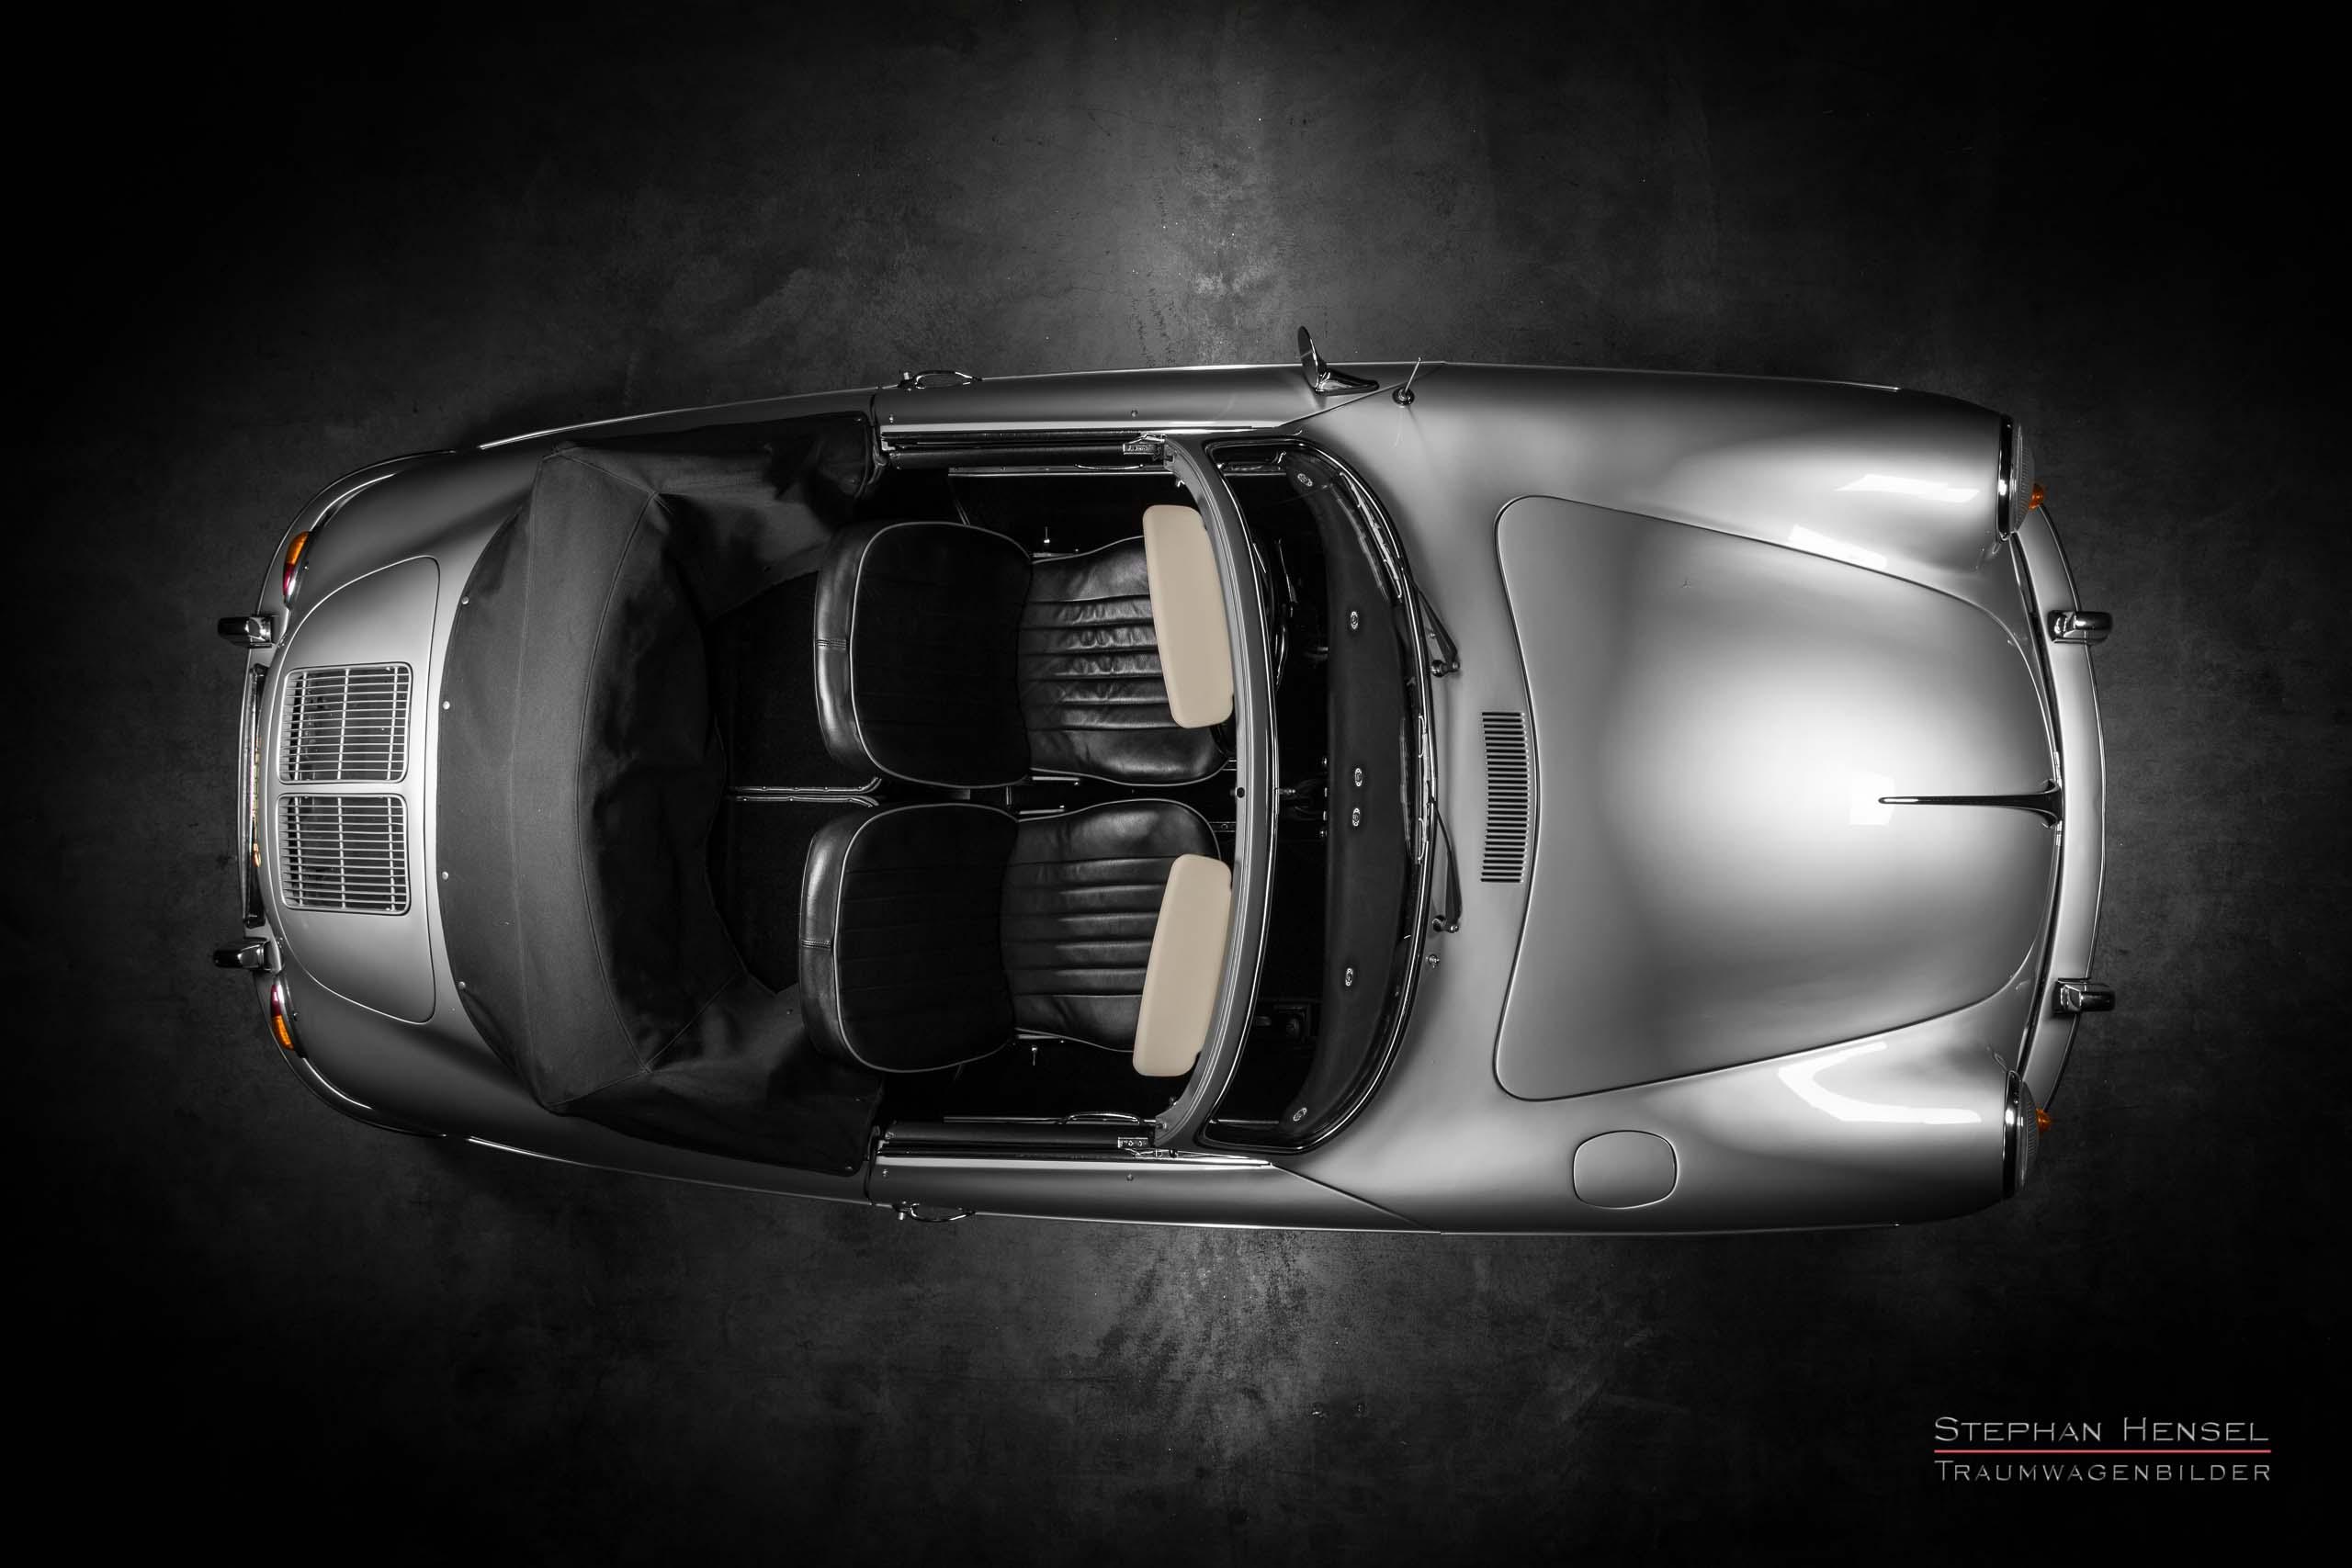 Porsche 356 B, Ansicht von oben, Autofotografie: Stephan Hensel, Hamburg, Oldtimerfotograf, Autofotograf, Automobilfotograf, Oldtimerfotografie